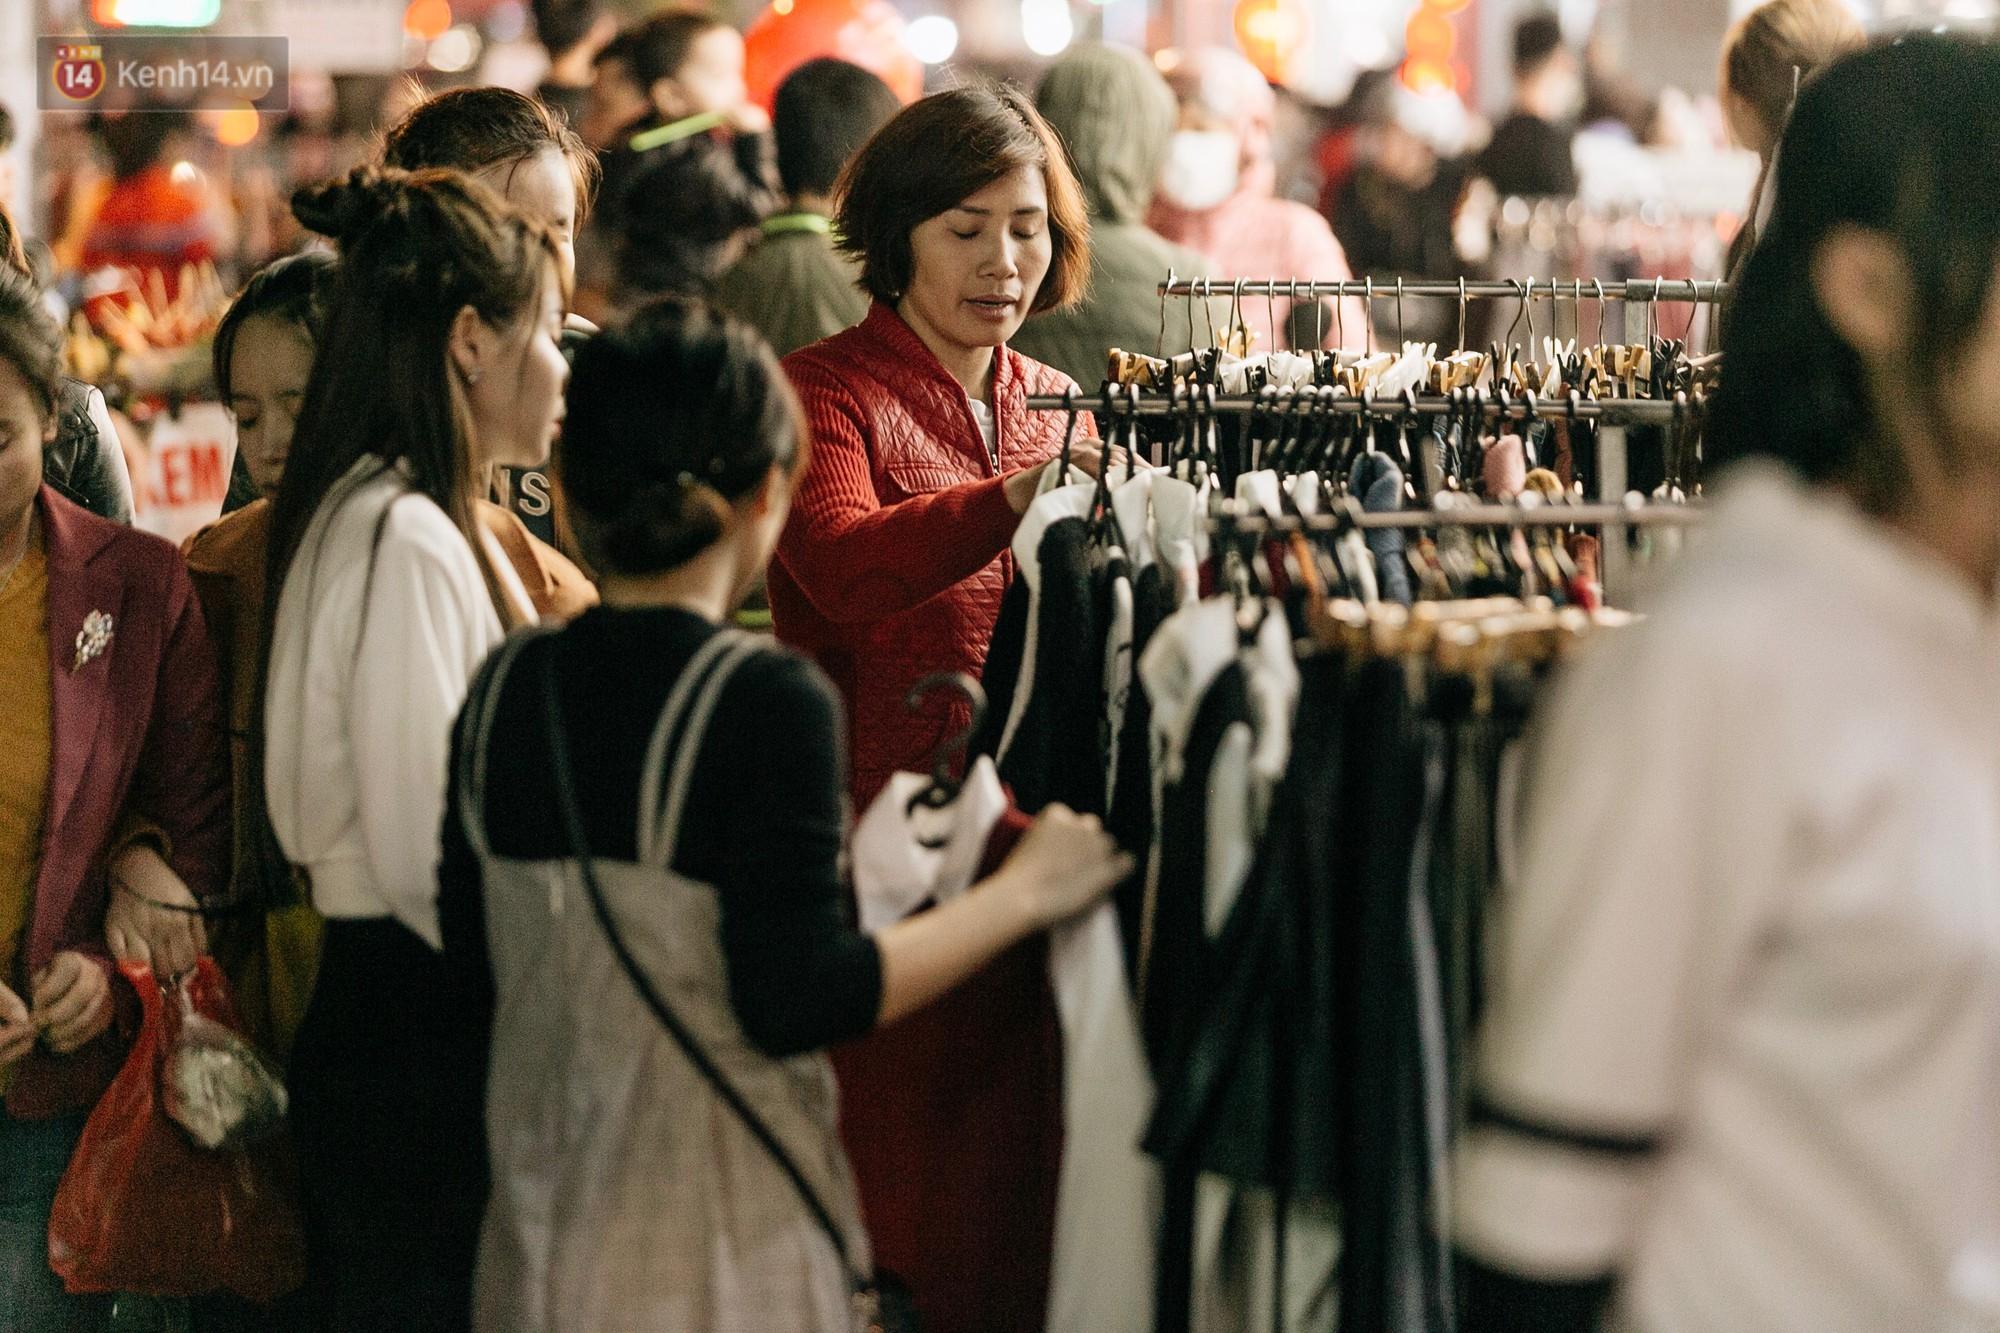 Vỉa hè Hà Nội trở thành chợ thời trang, trẻ em ngồi thùng xếp phụ bố mẹ bán hàng ngày cận Tết - Ảnh 7.